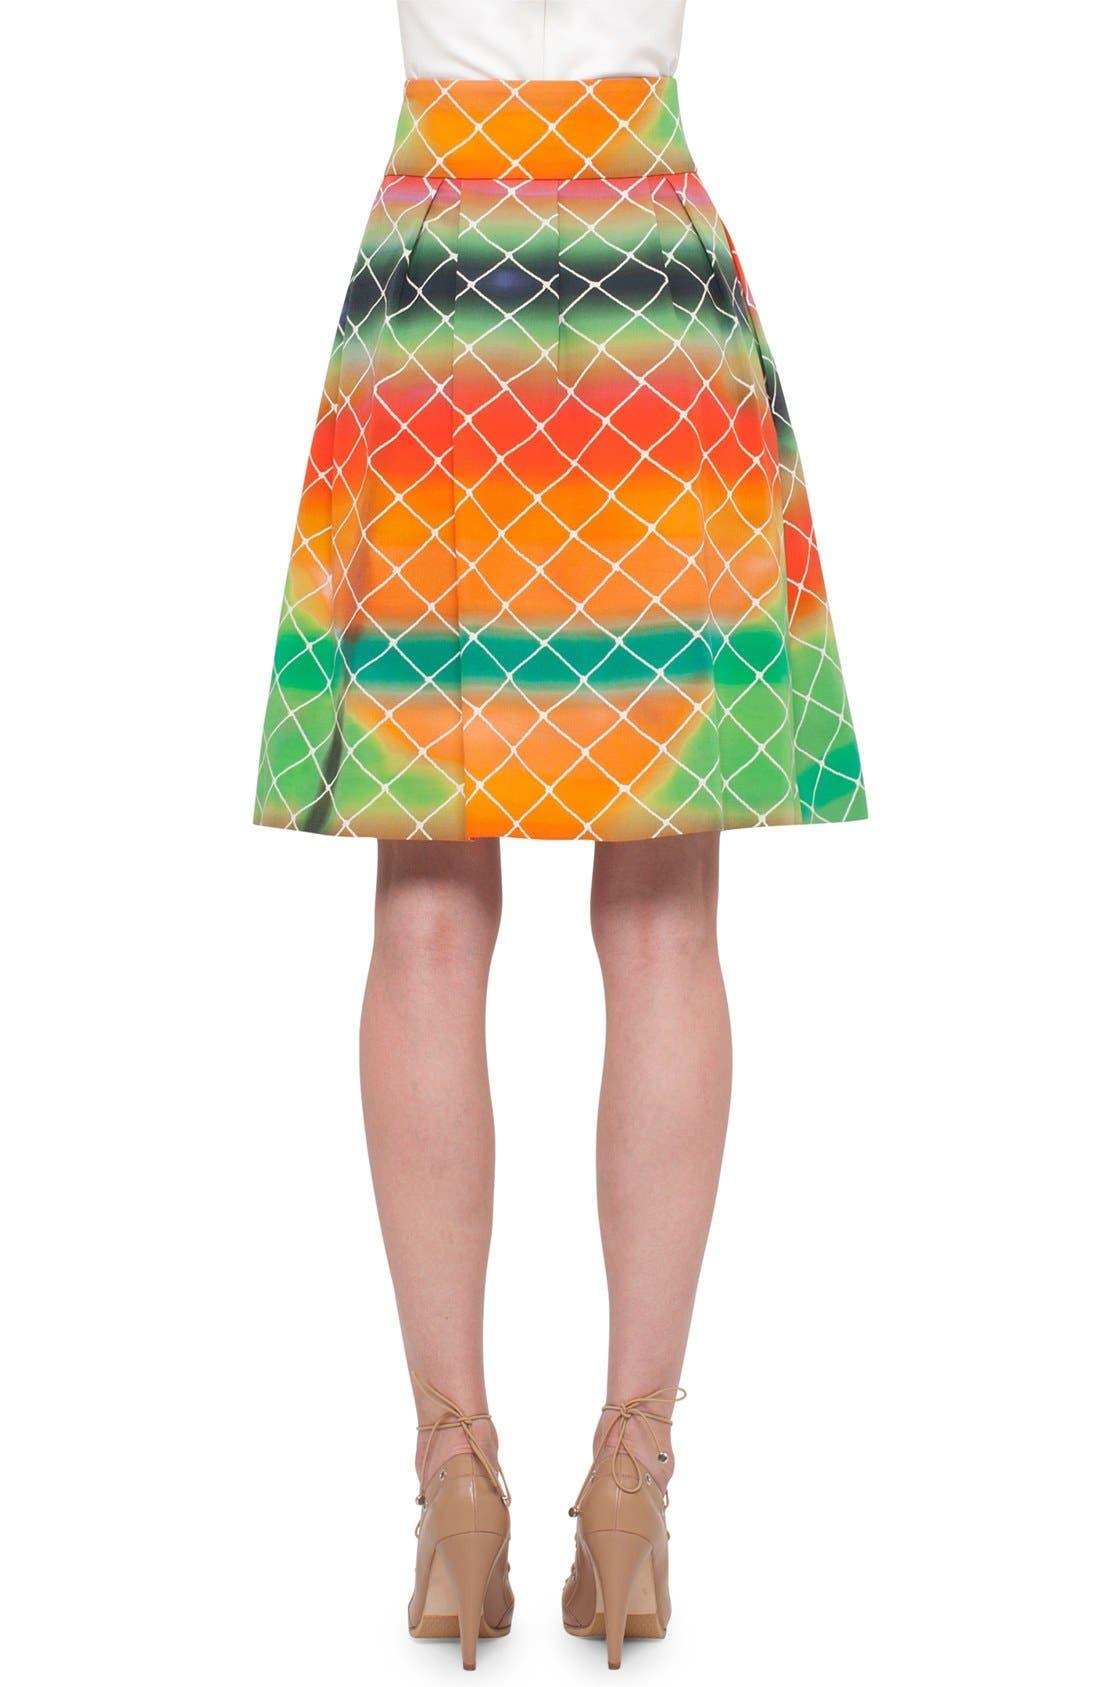 Alternate Image 1 Selected - Akris punto 'Baseball Net' Flared Skirt